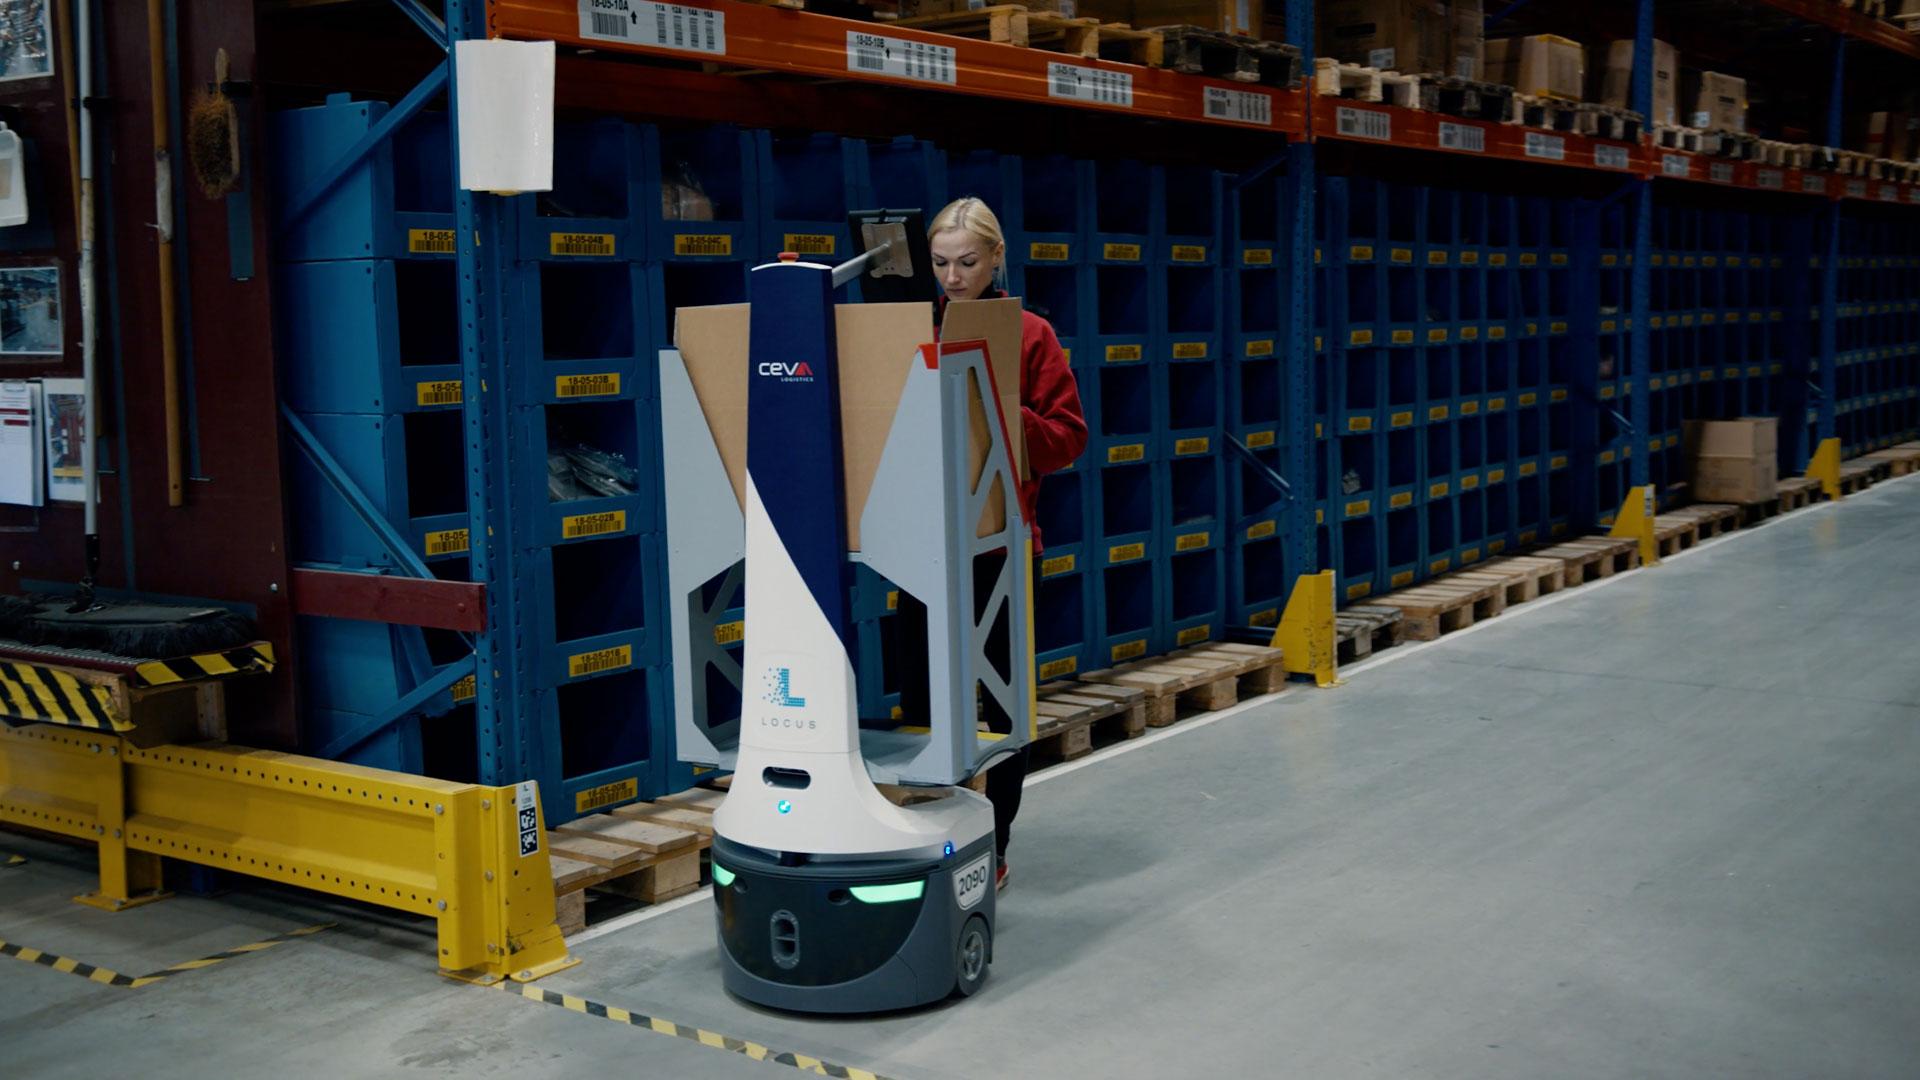 Locus Robotics: CEVA Logistics